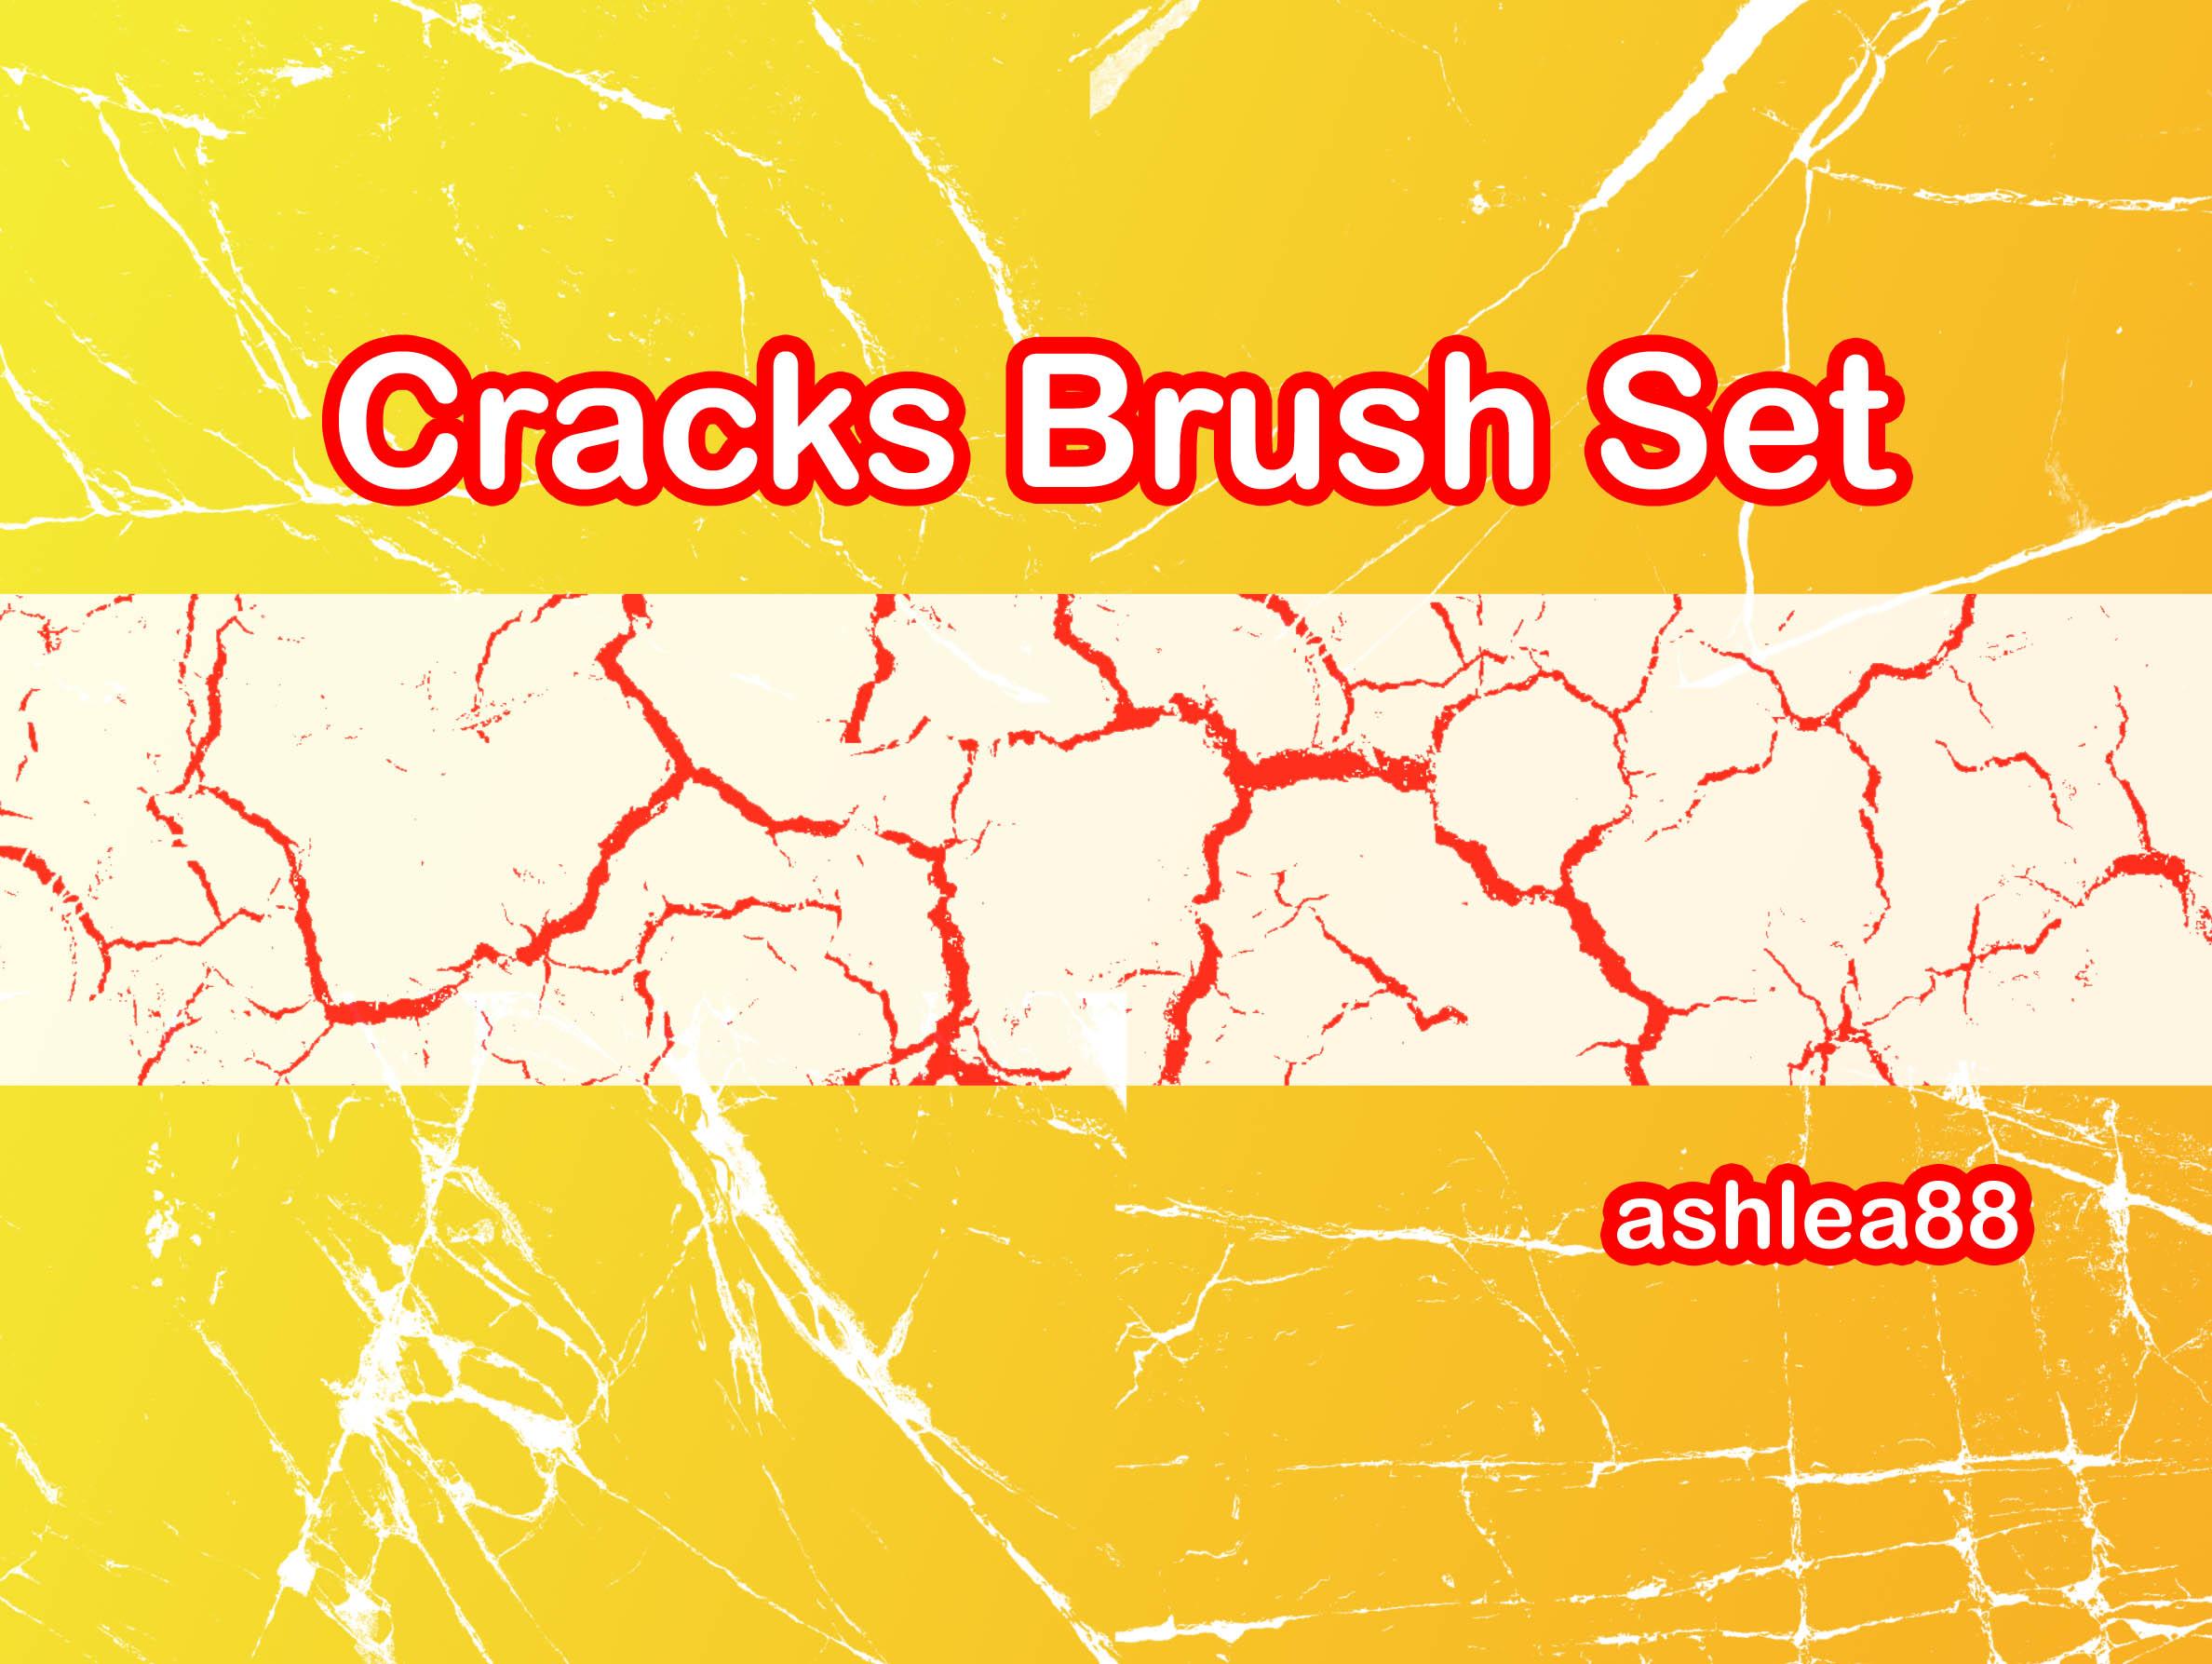 Cracks Brush Set